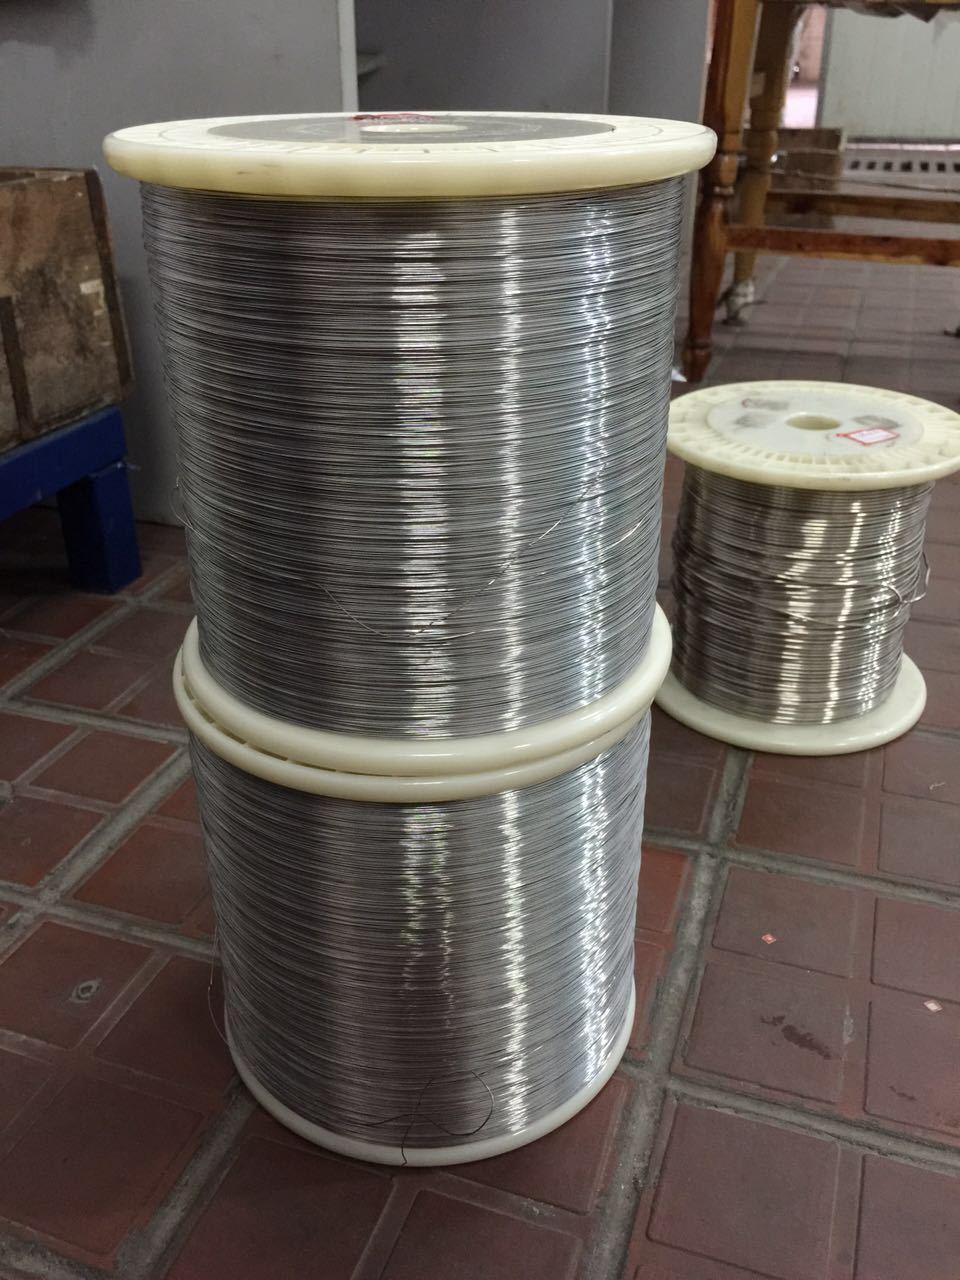 K Type Thermocouple Wire (chromel Alumel Wire) - Buy K J E T N Type ...